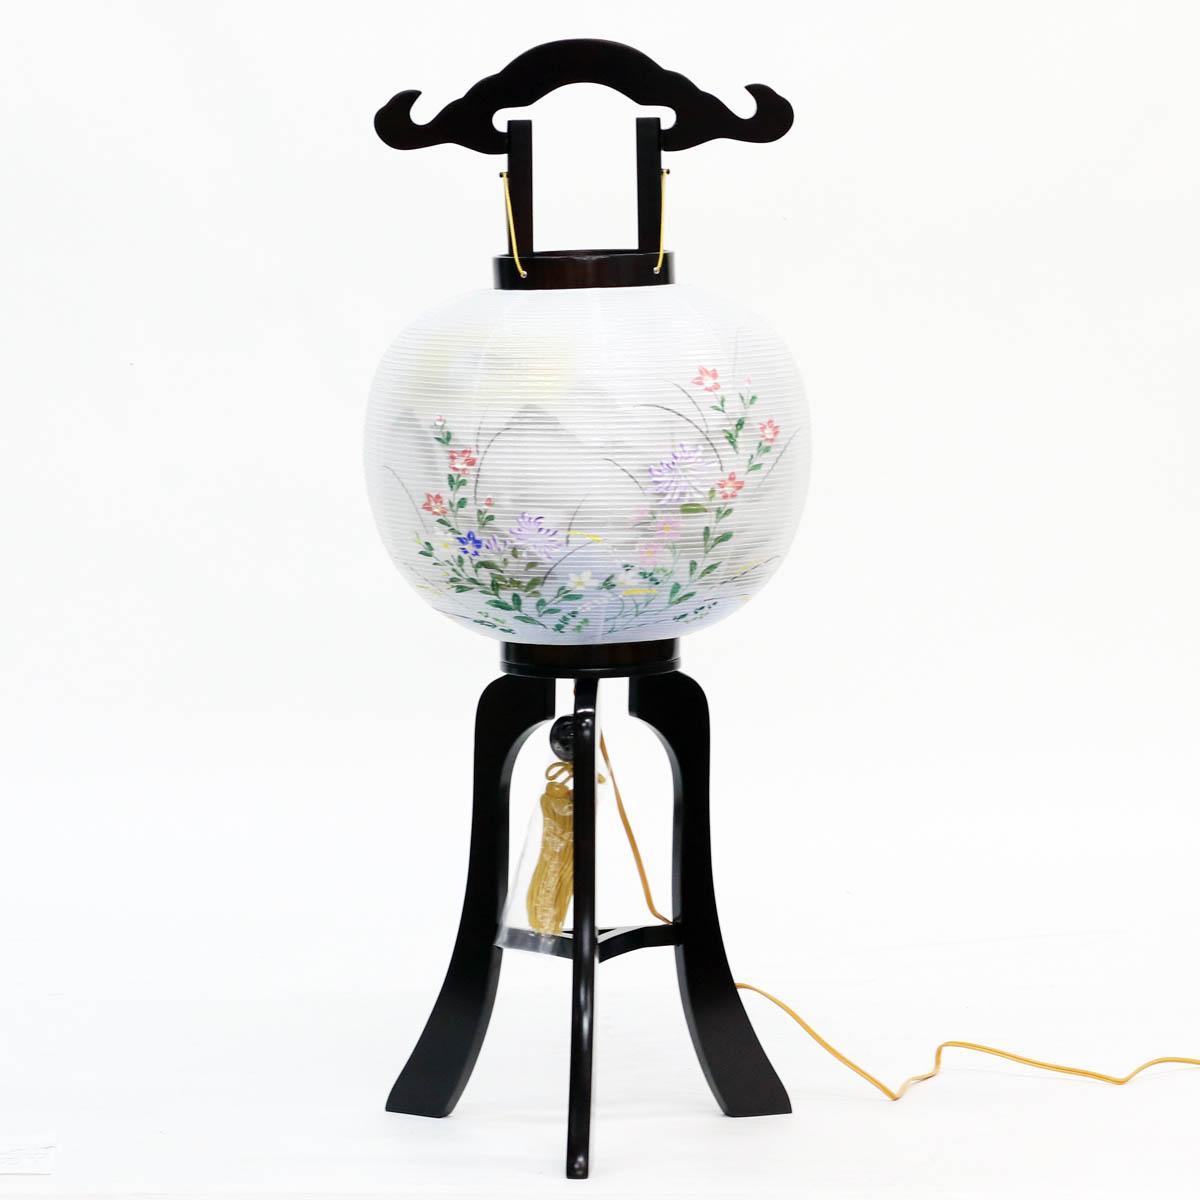 盆提灯 置き型提灯 行灯 『 初島行灯 絹二重 11号 』 BCY-7724絹 二重 木製 電気コード式 置き型 置き提灯 行灯 行燈